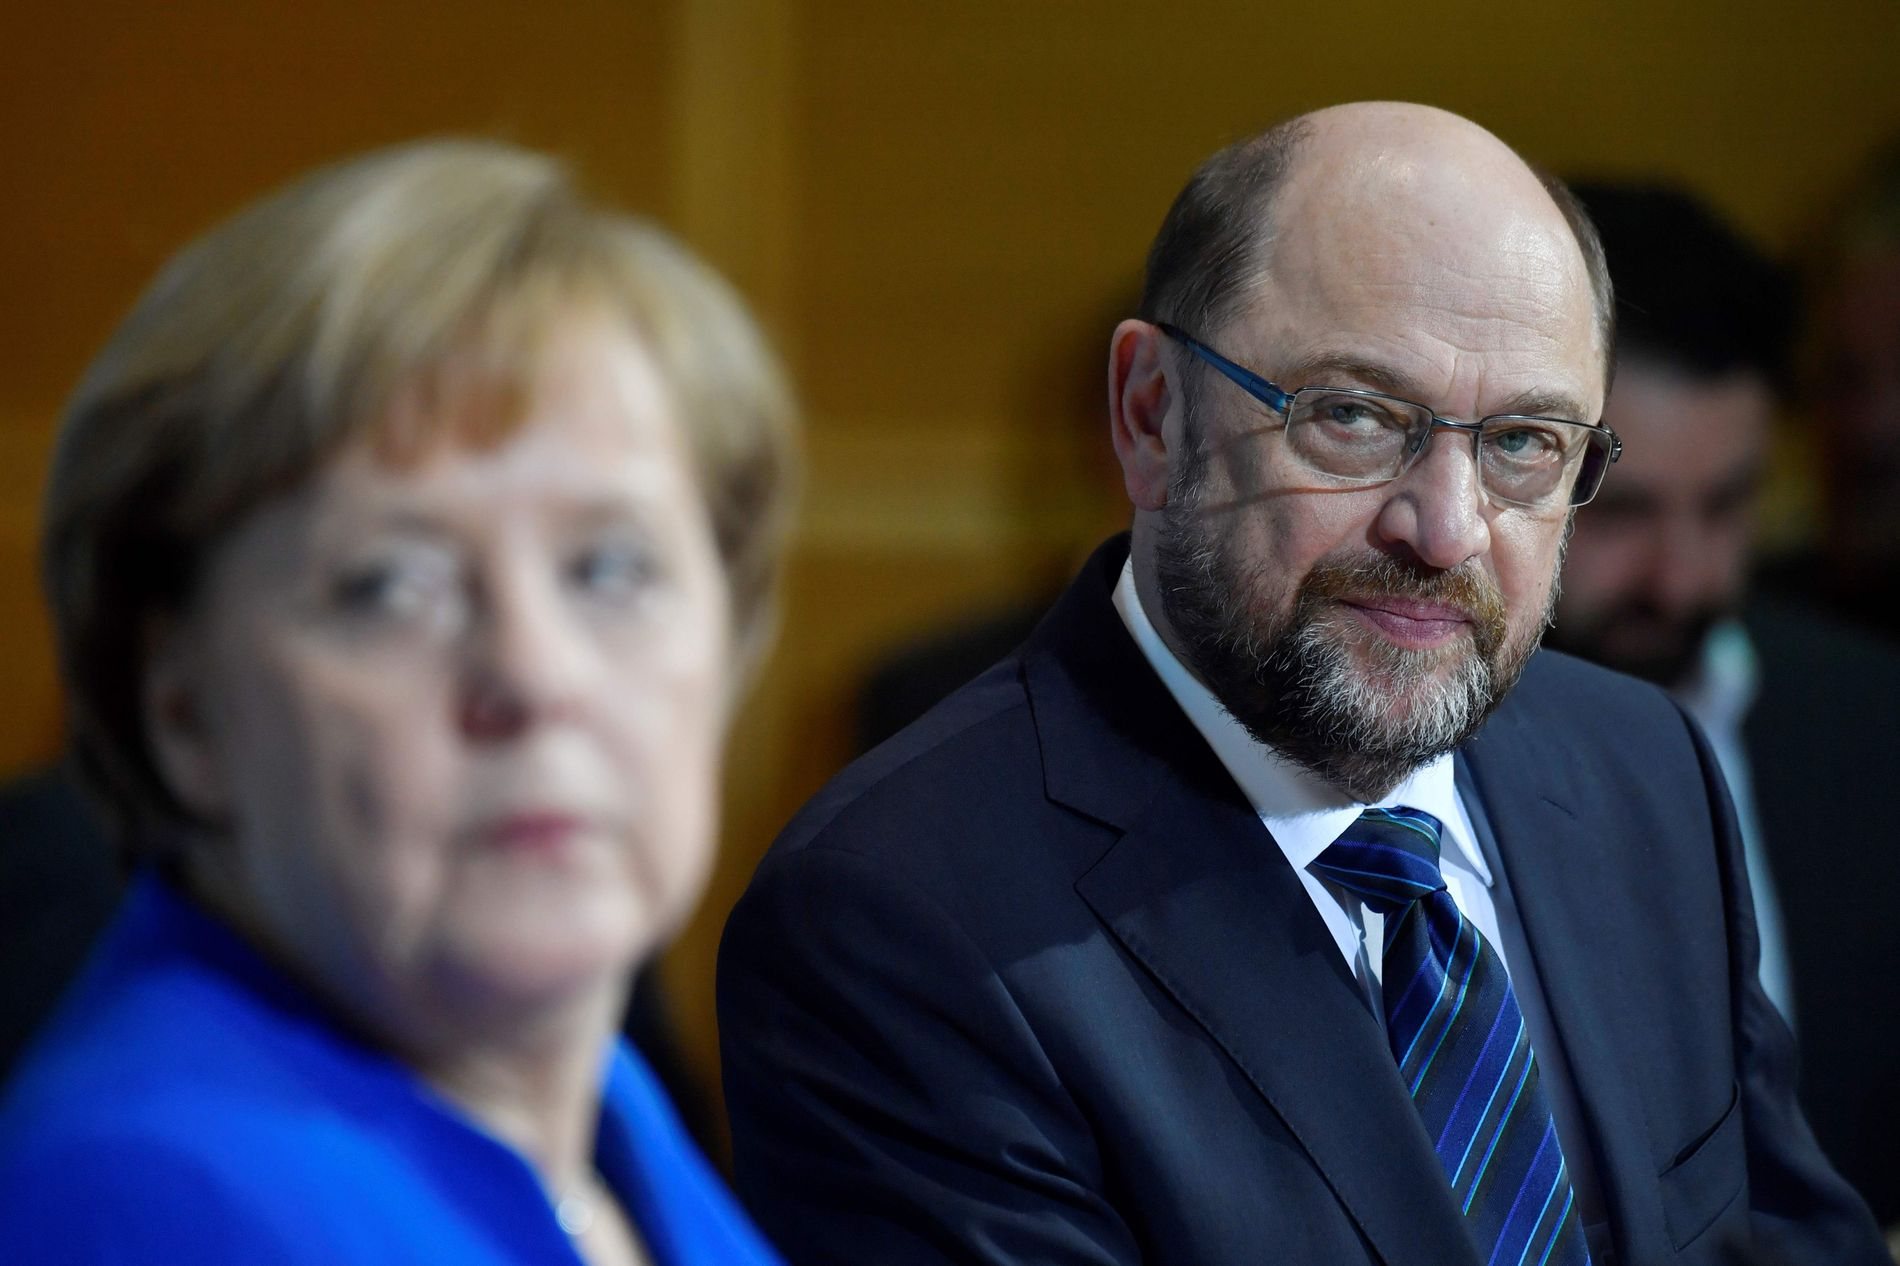 PRESSET: Sosialdemokratenes leder Martin Schulz (t.h.) skal ha blitt presset av sine egne til å trekke seg som påtroppende utenriksminister i den nye Merkel-regjeringen.